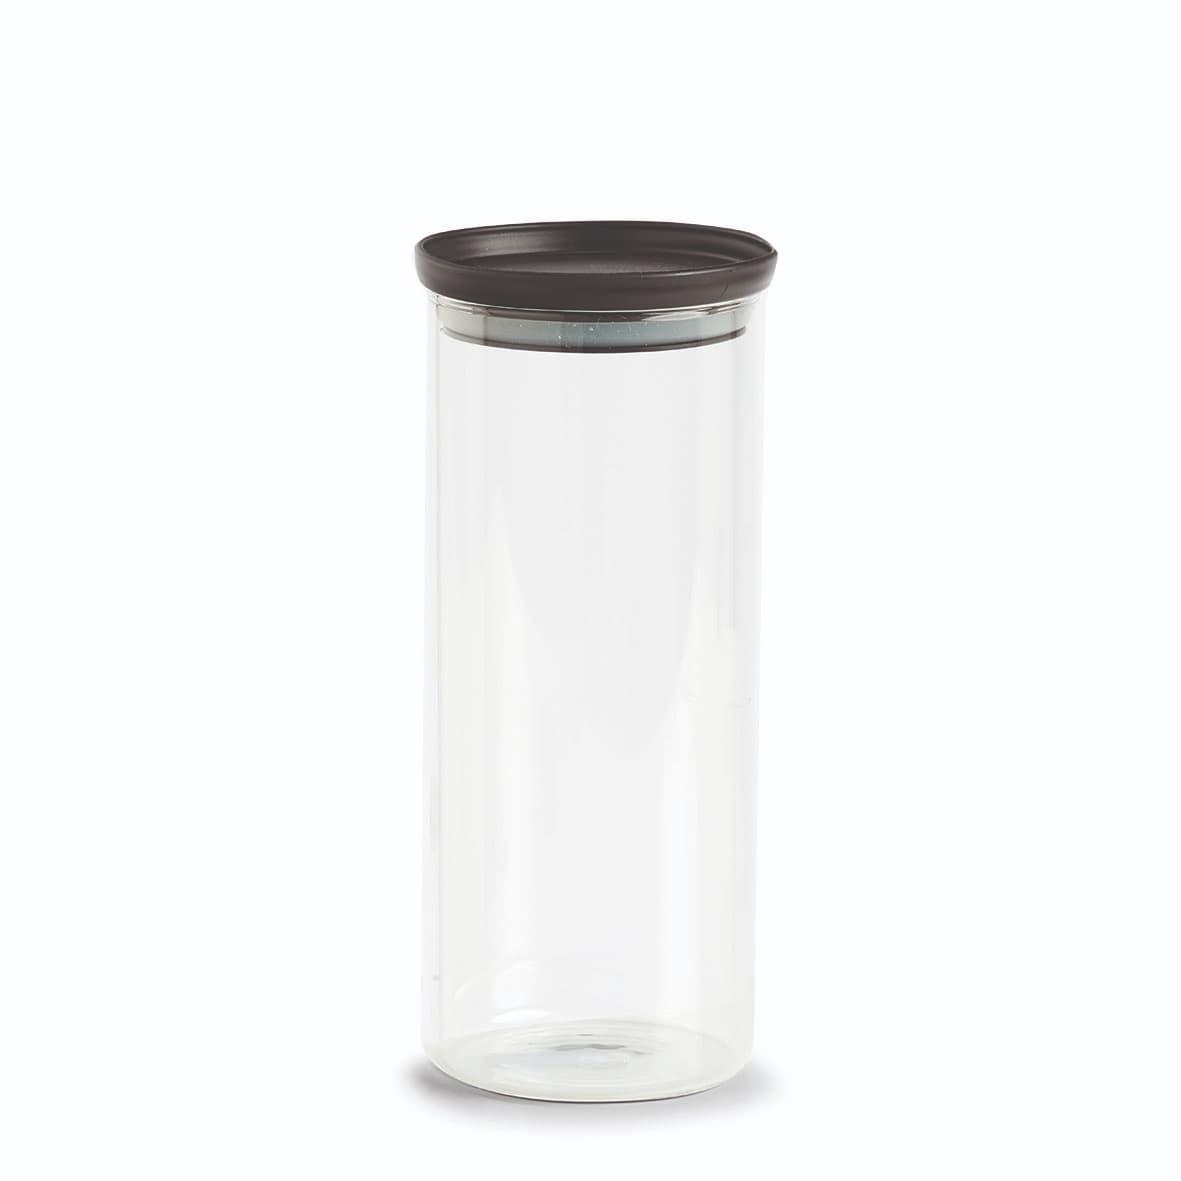 Recipient pentru depozitare cu capac etans, din sticla, Classic Tall Transparent / Negru, 1250 ml, Ø10,3xH23,6 cm poza